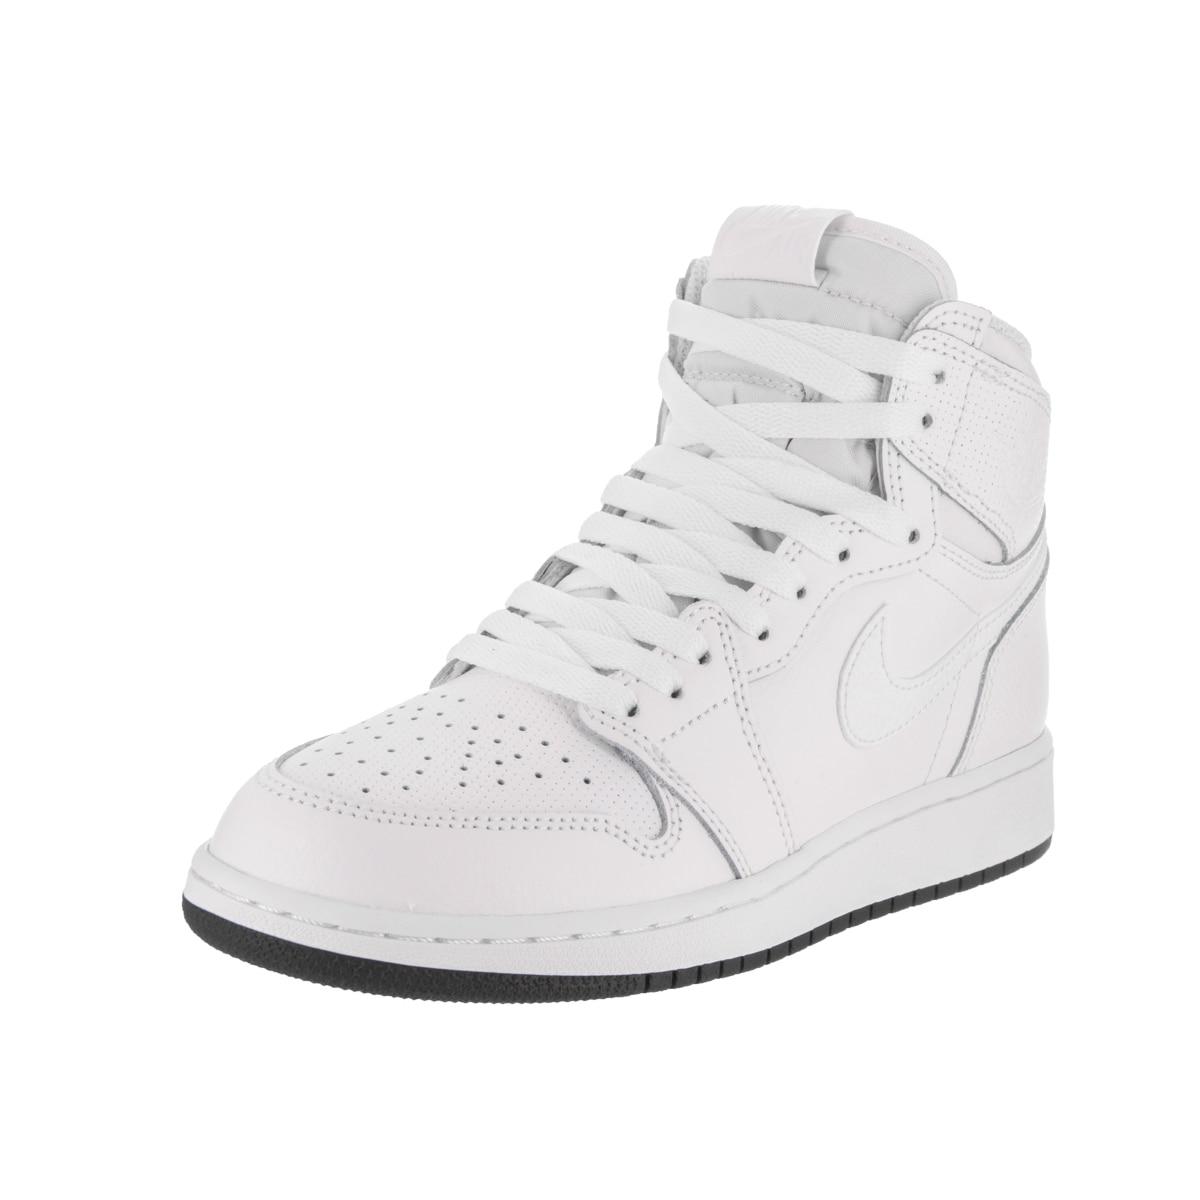 Nike Boys' Air Jordan 1 Retro High OG Bg White Leather Basketball Shoe (6)